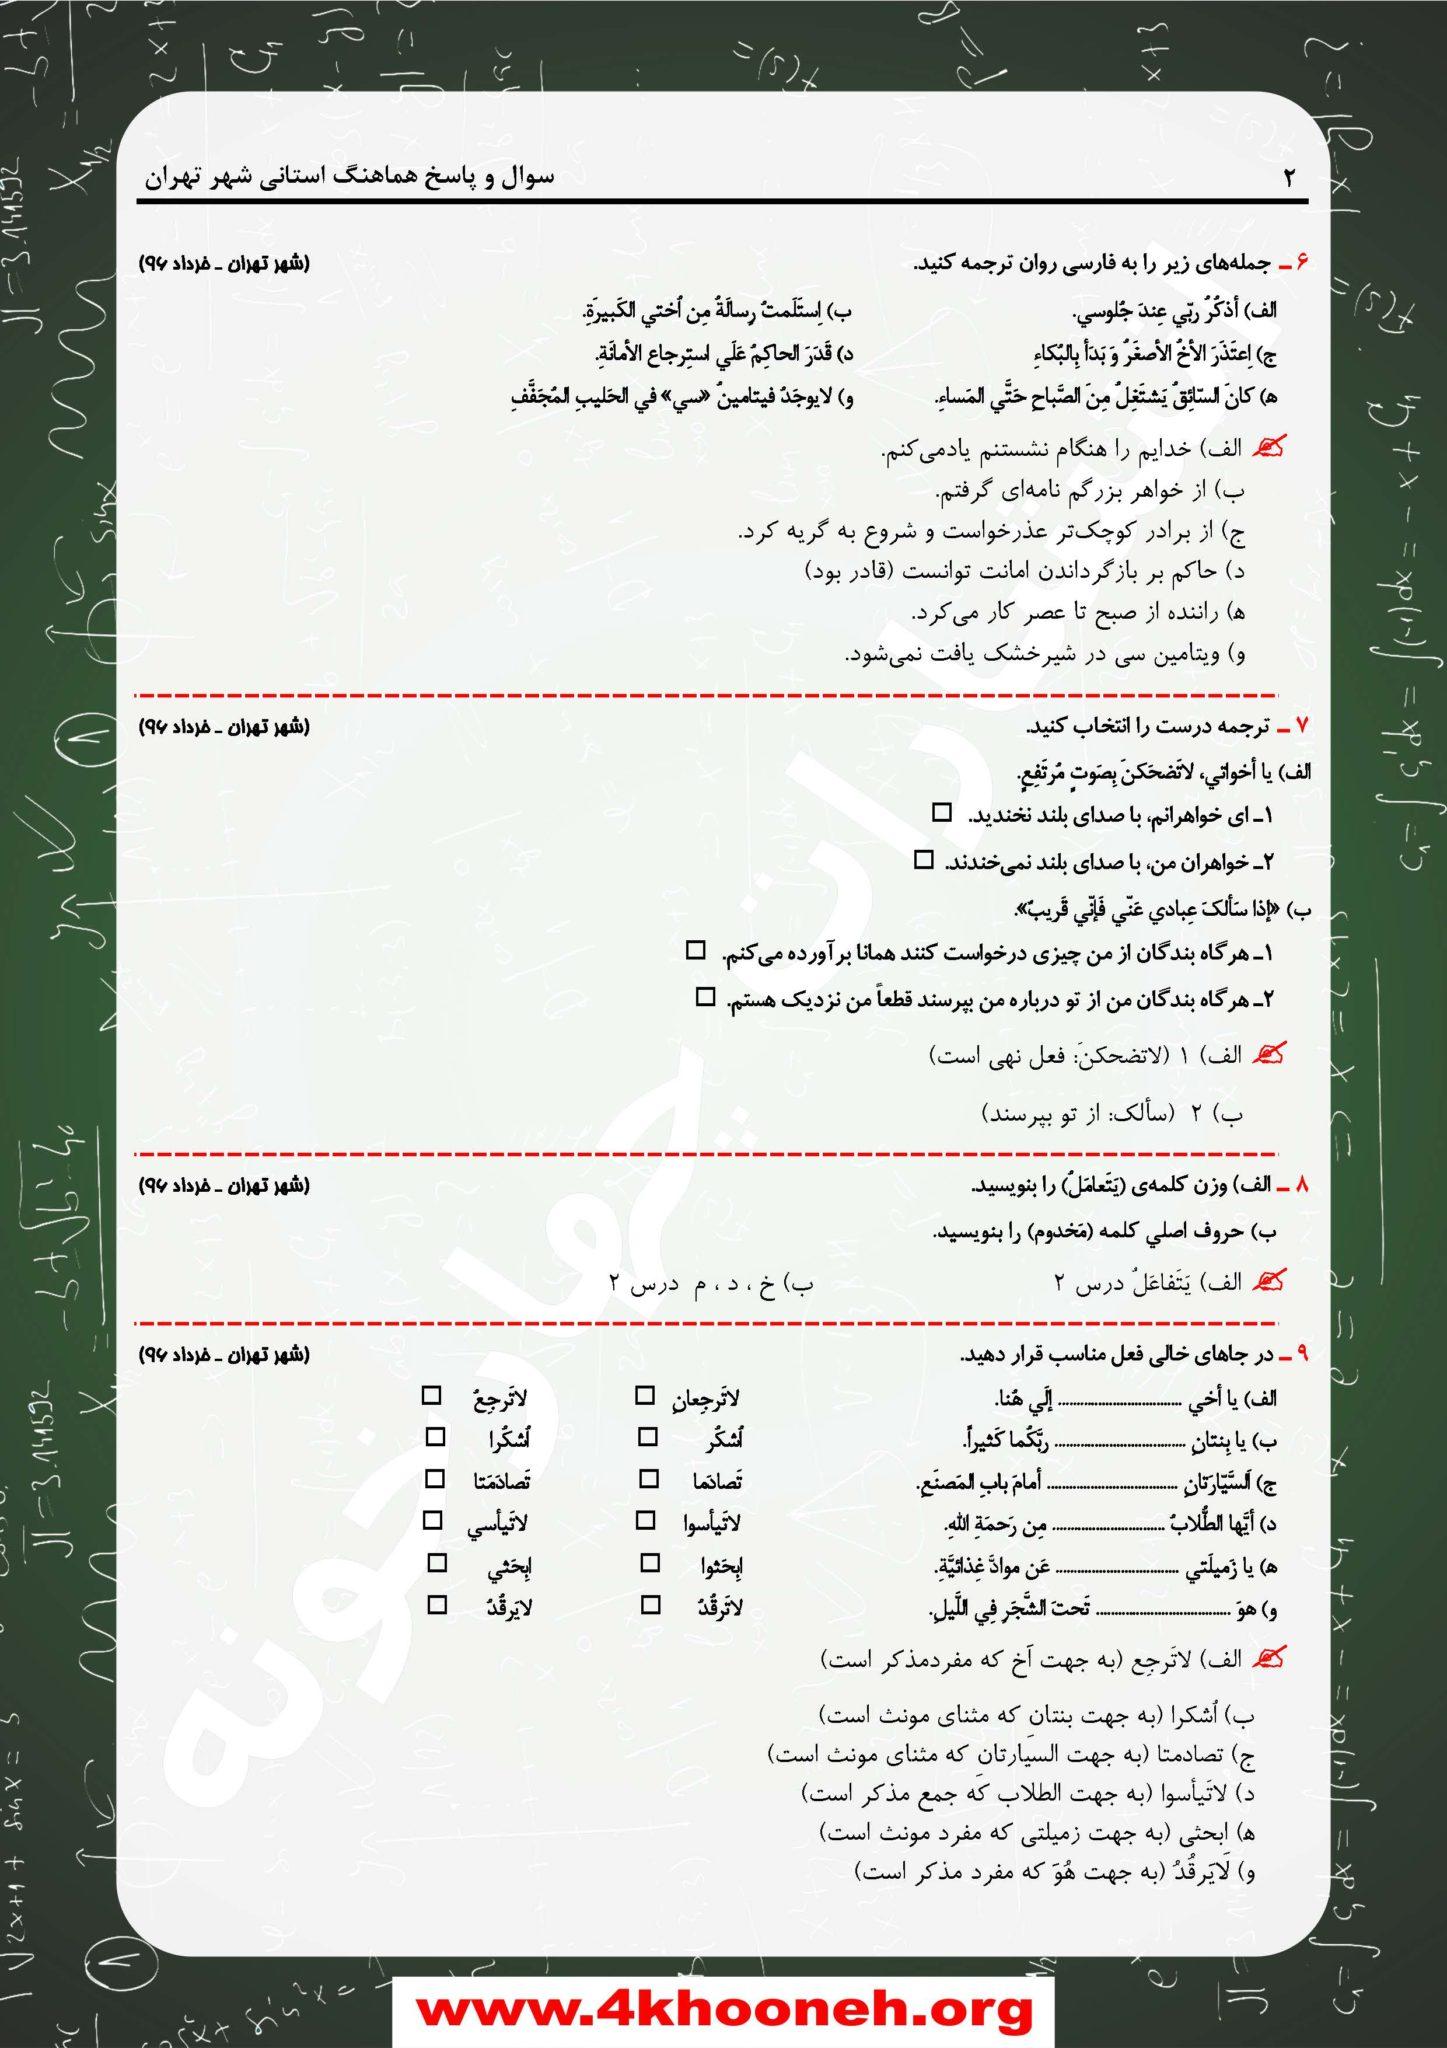 سوالات هماهنگ عربی نهم(شهر تهران96)